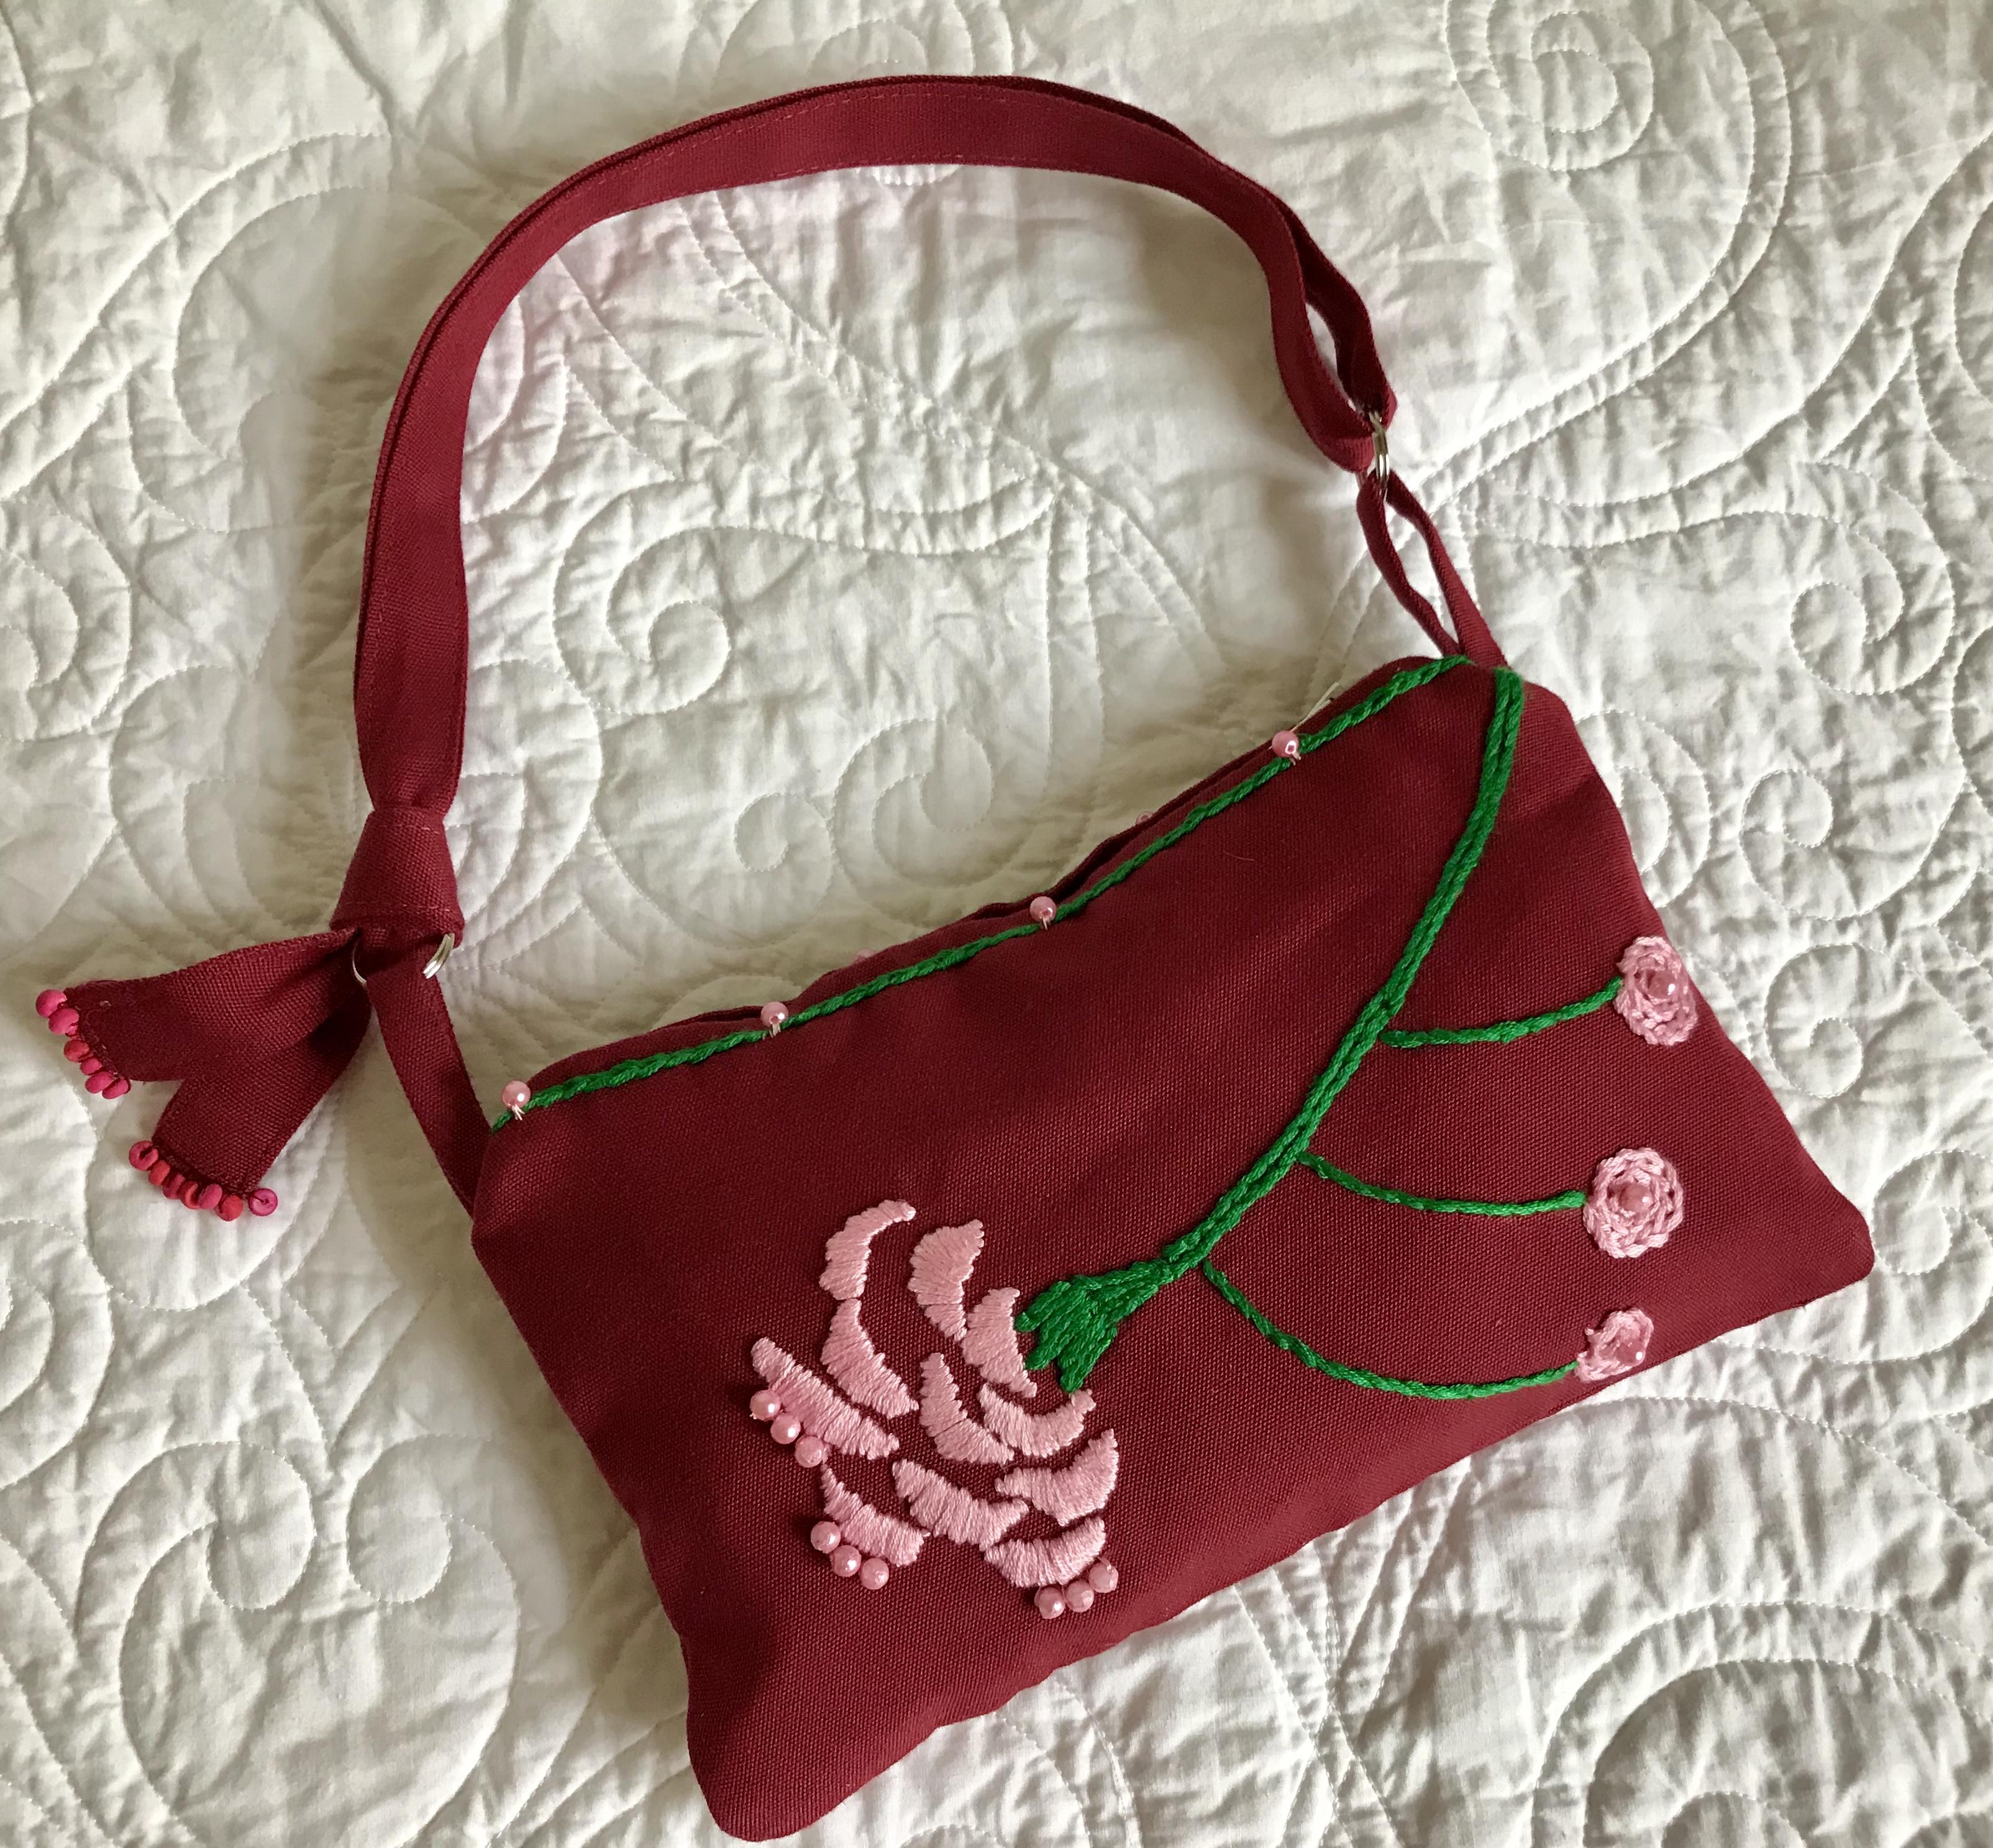 Handgjorda väskor, Hälsingegatan 17, Vasastan Stockholm, Handmade bags, Borsette fatte a mano, Stoccolma